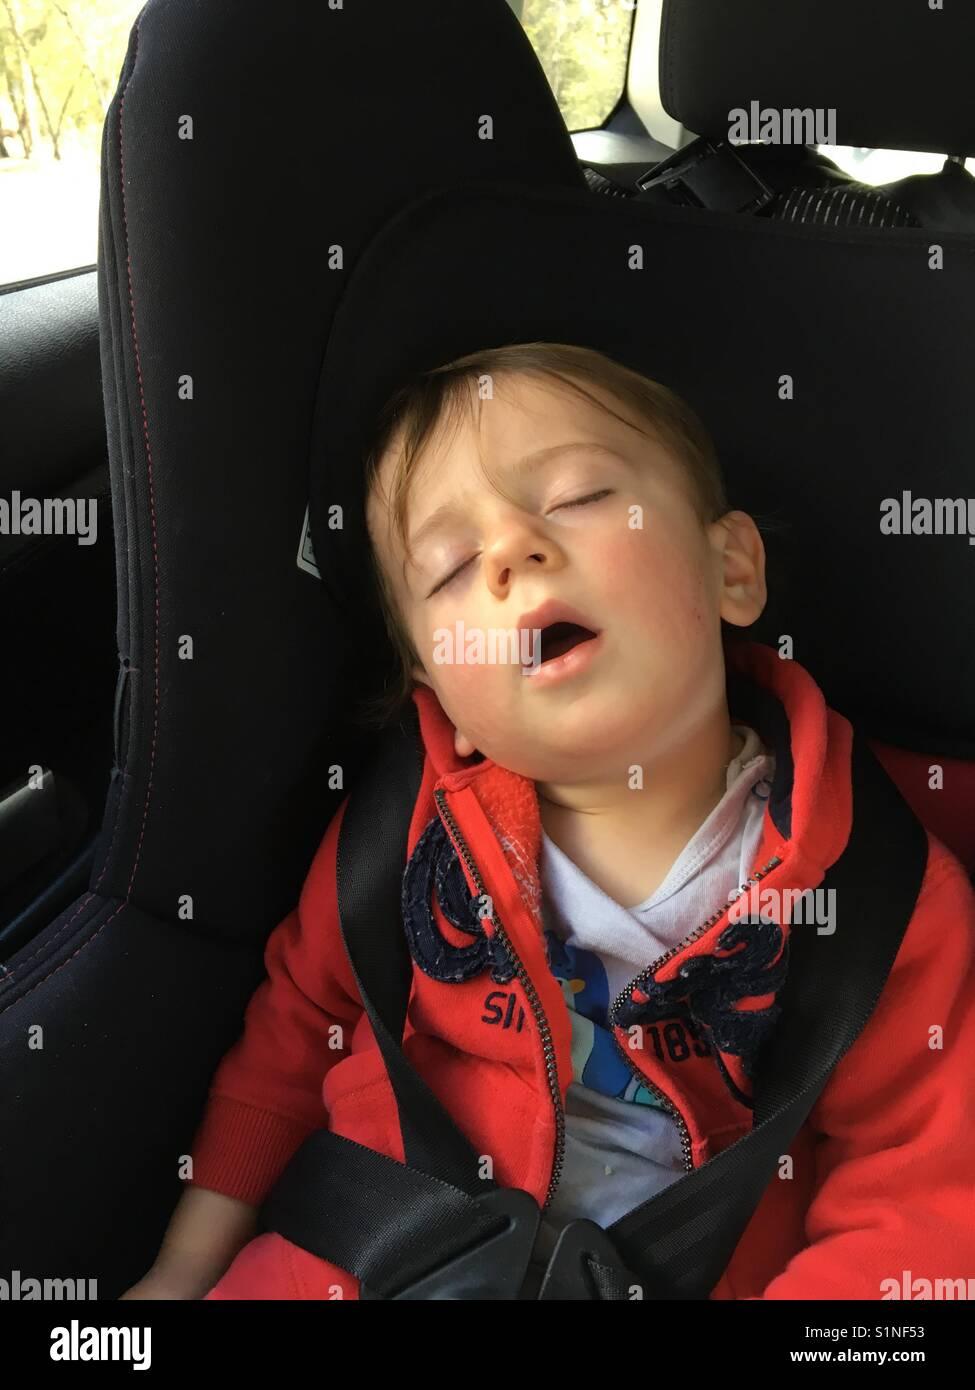 Sleeping Boy Toddler In Car Seat